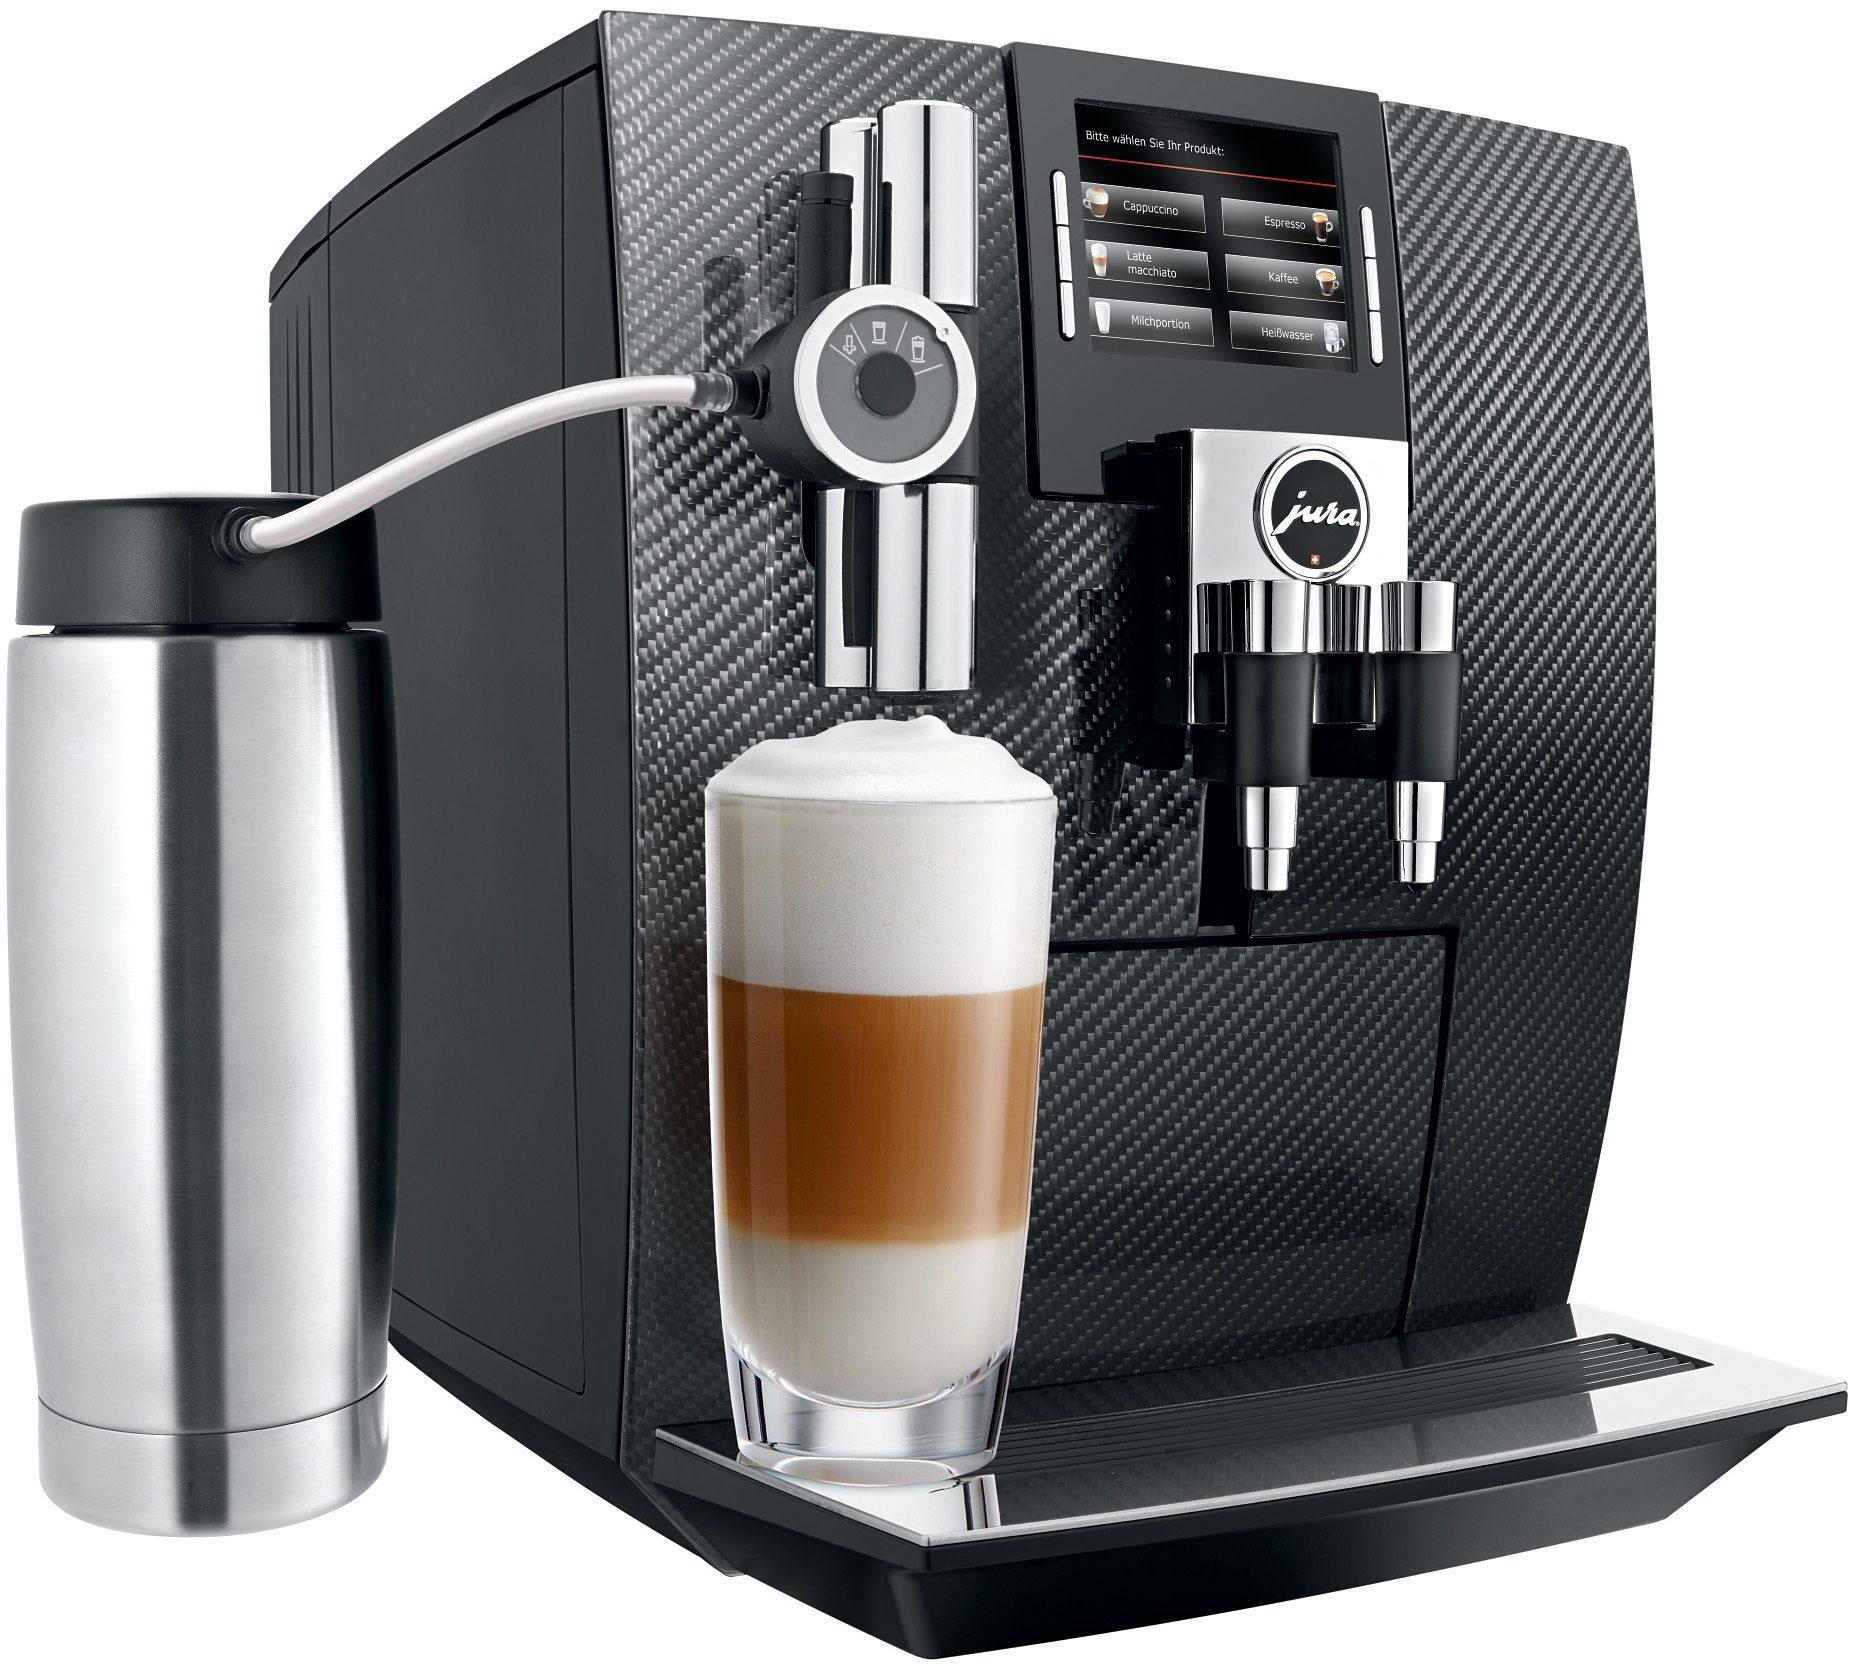 Jura Espresso-/Kaffee-Vollautomat 15039 J95, Carbon